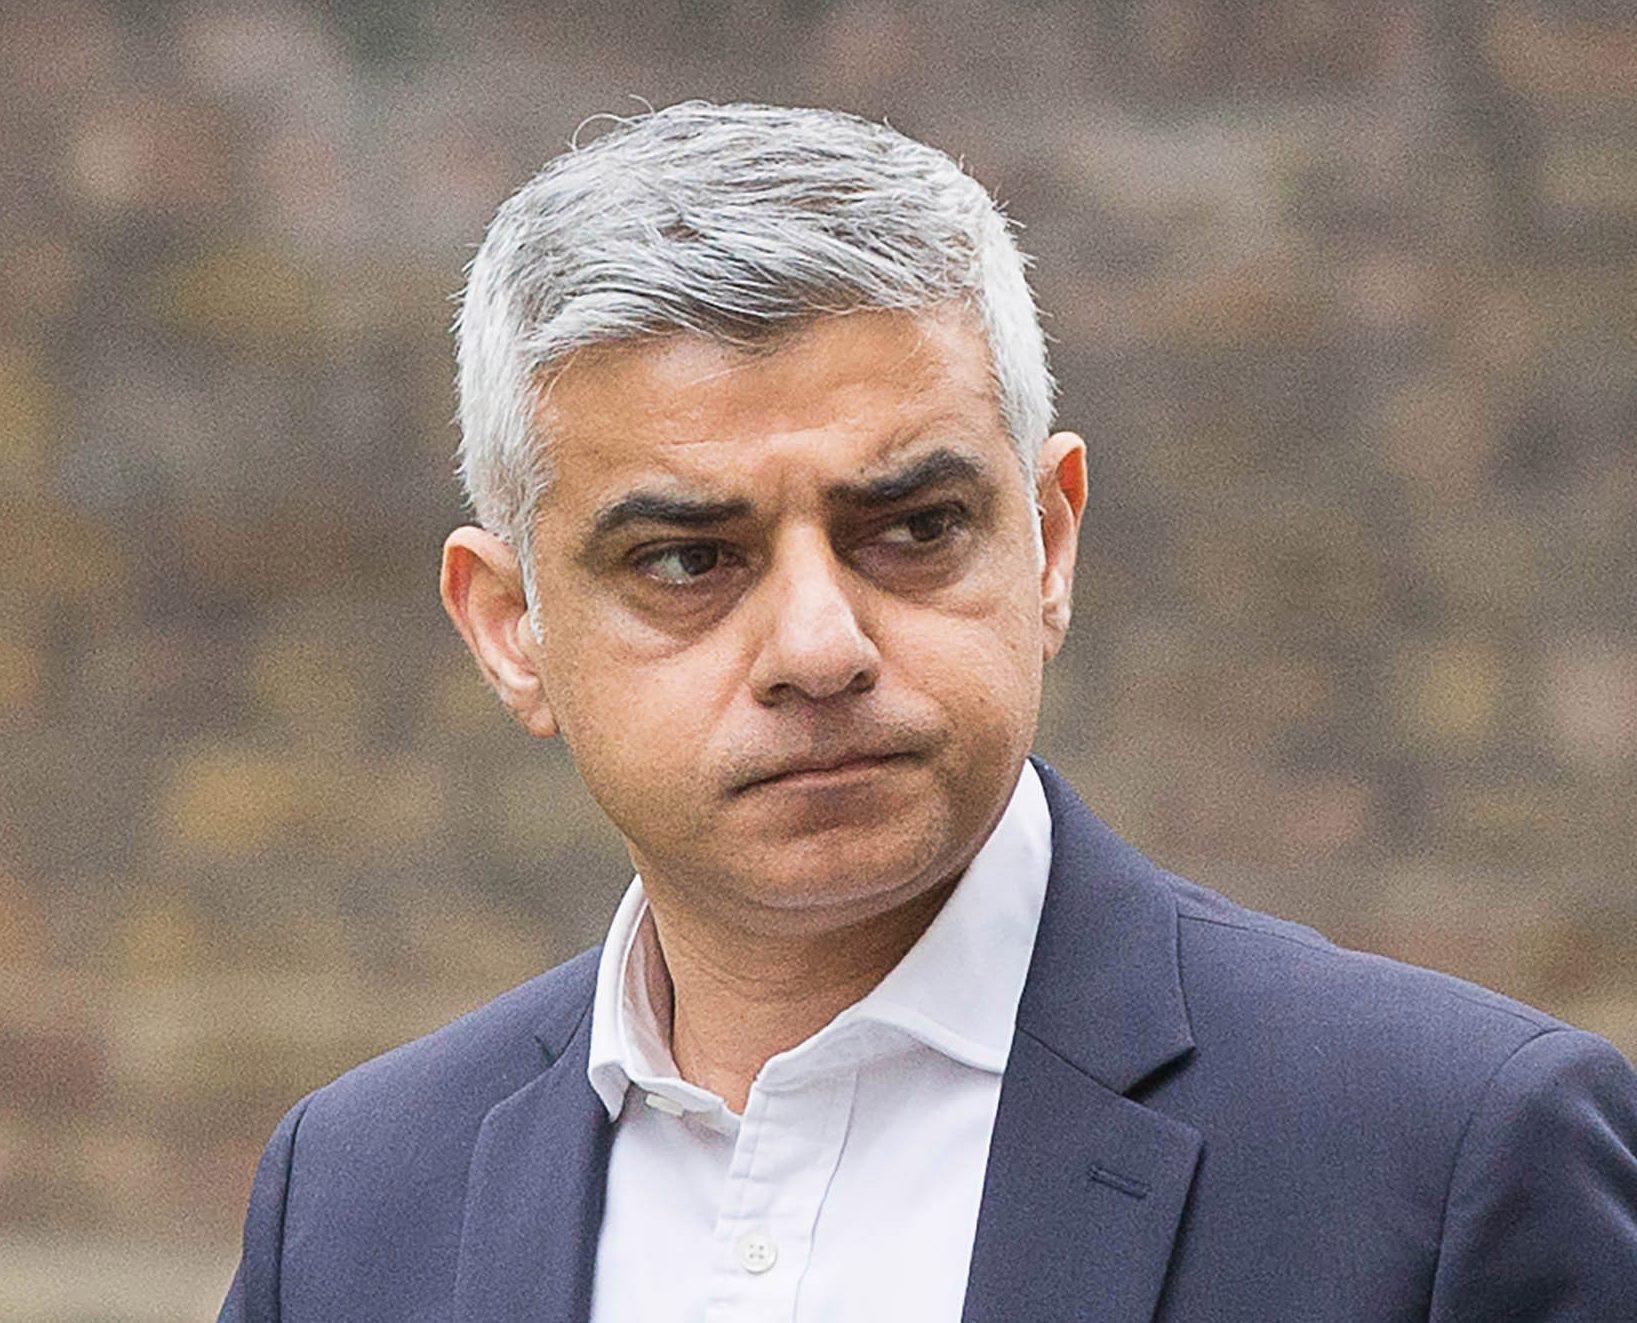 Premier League return could lead to coronavirus spread - London mayor Khan - Bóng Đá